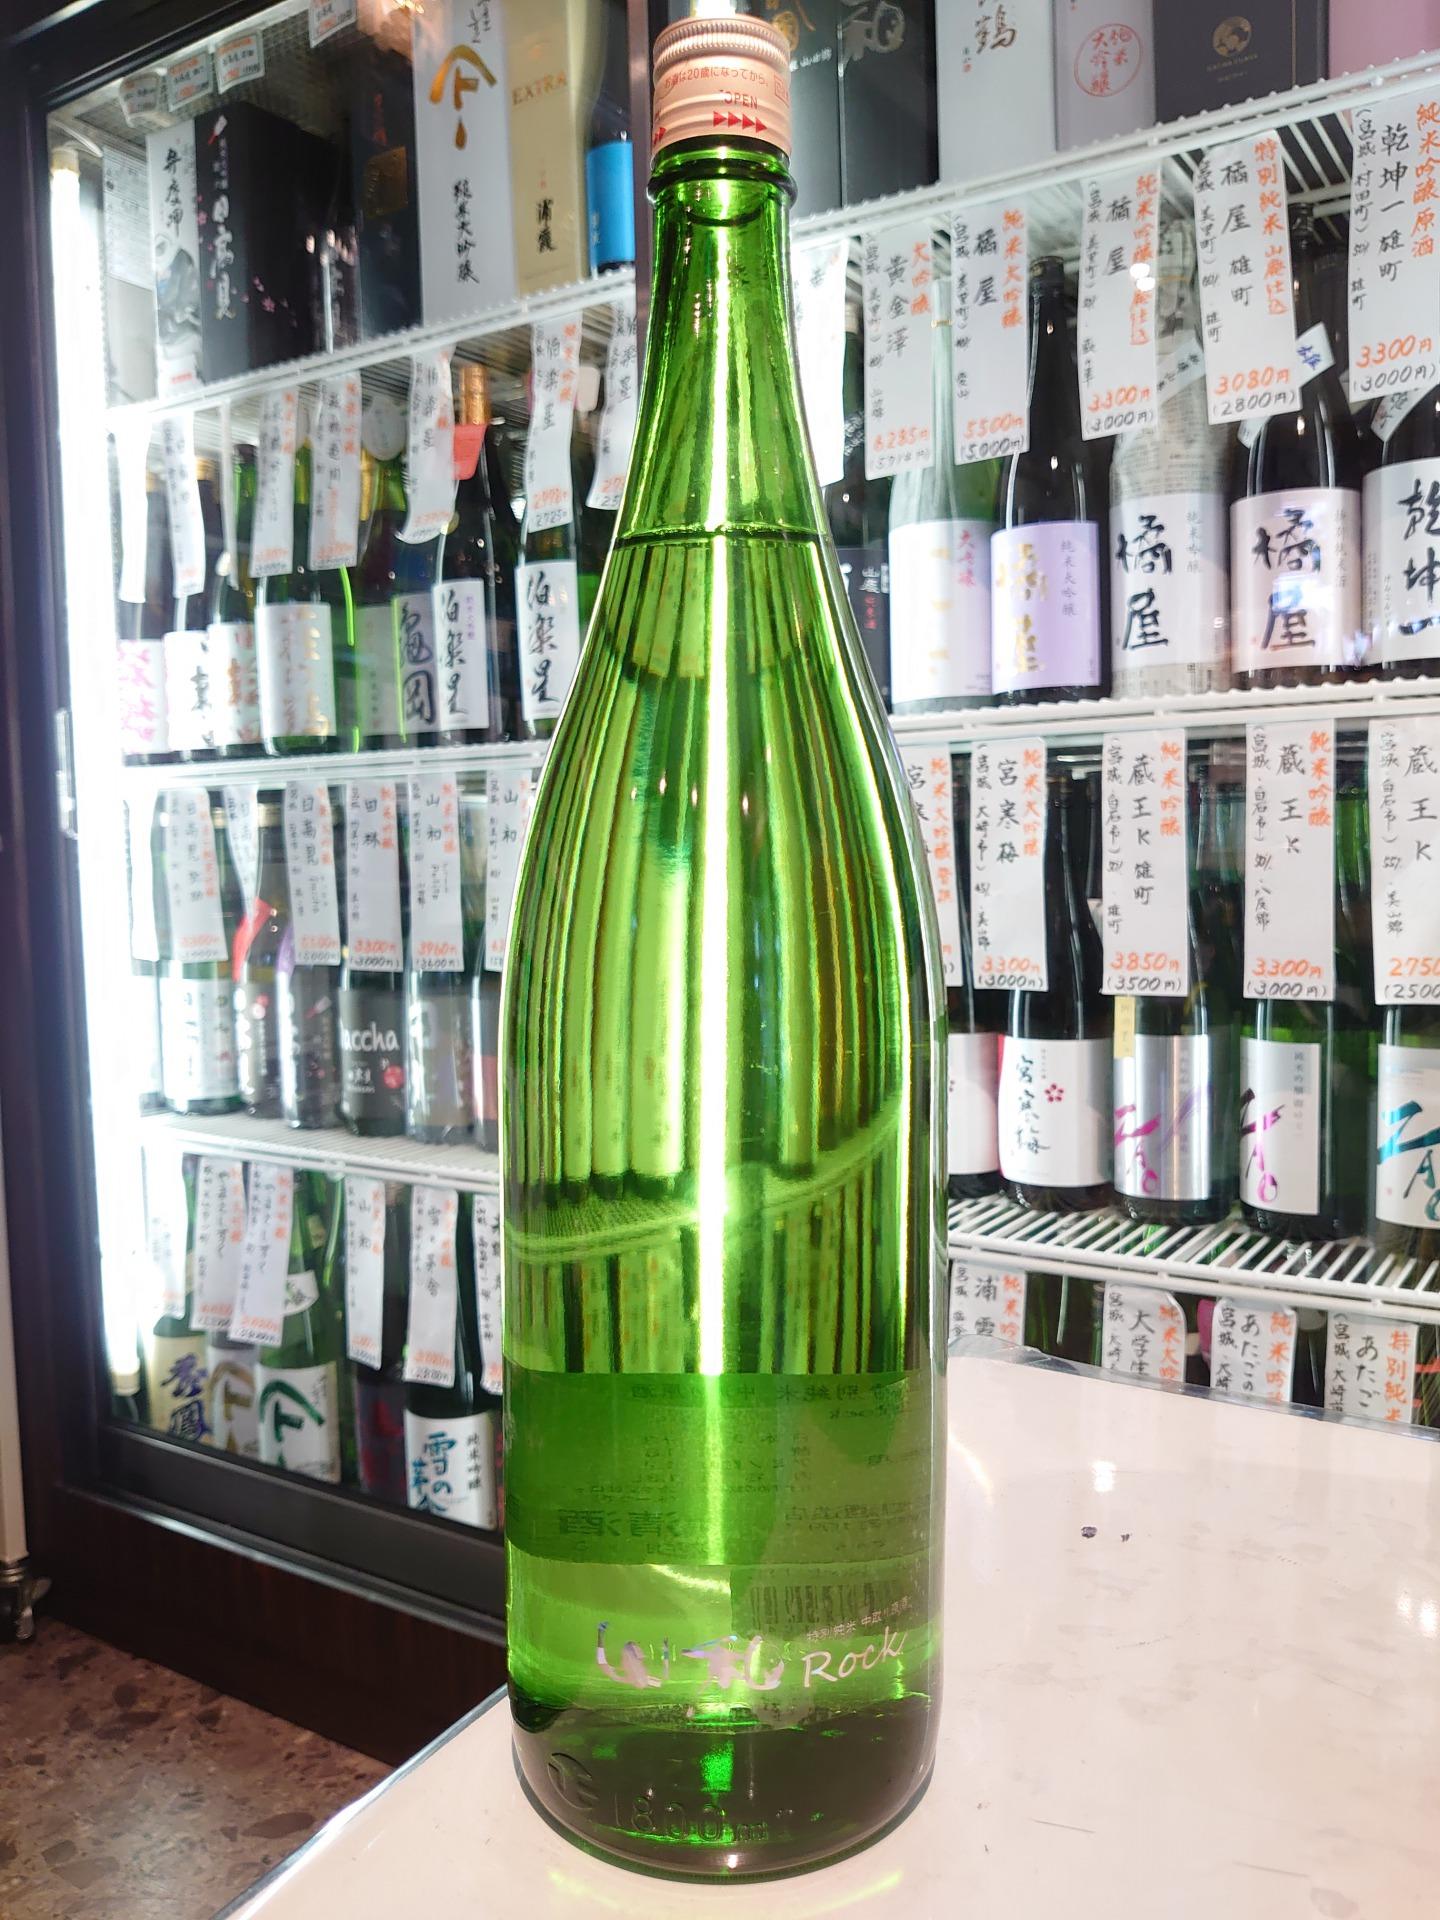 山和 特別純米 中取り原酒 Rock 1.8L